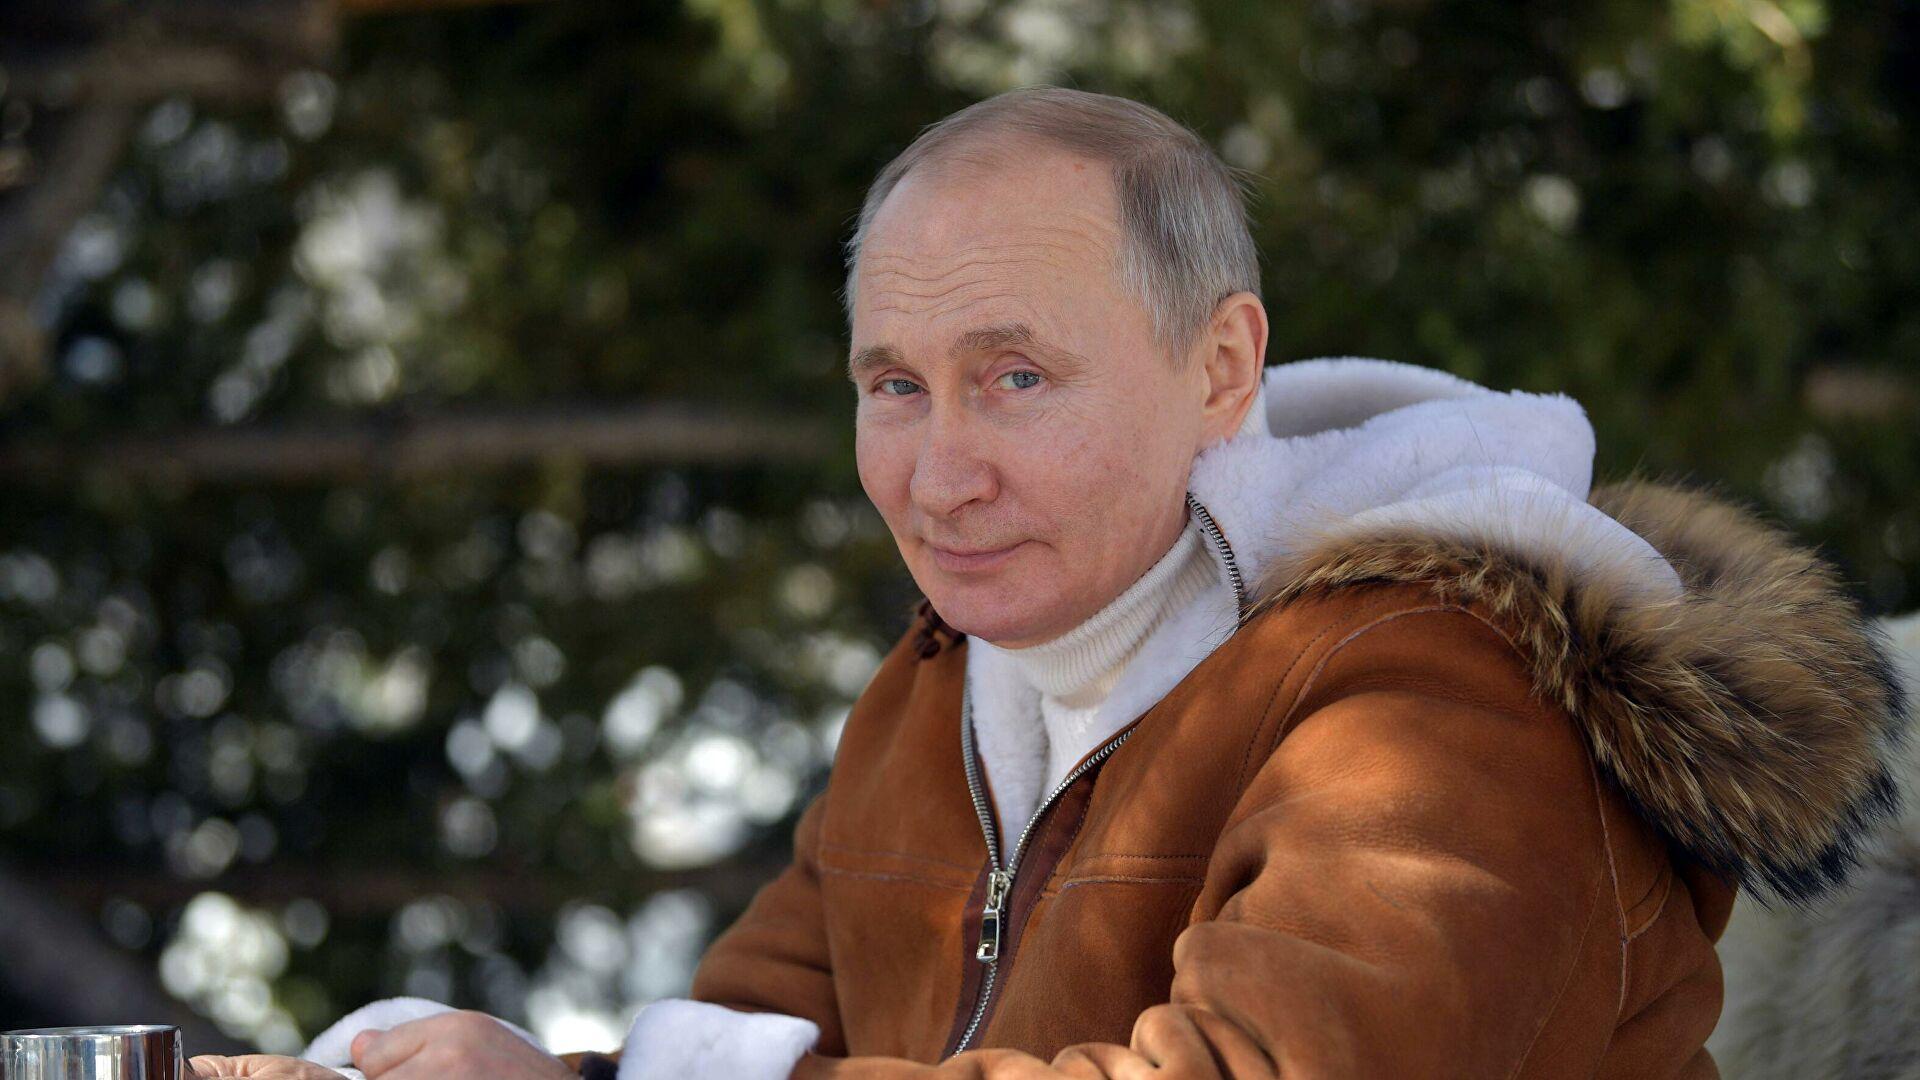 Канадски премијер: Путина мало интересује шта о њему мисли западни свет и Канада